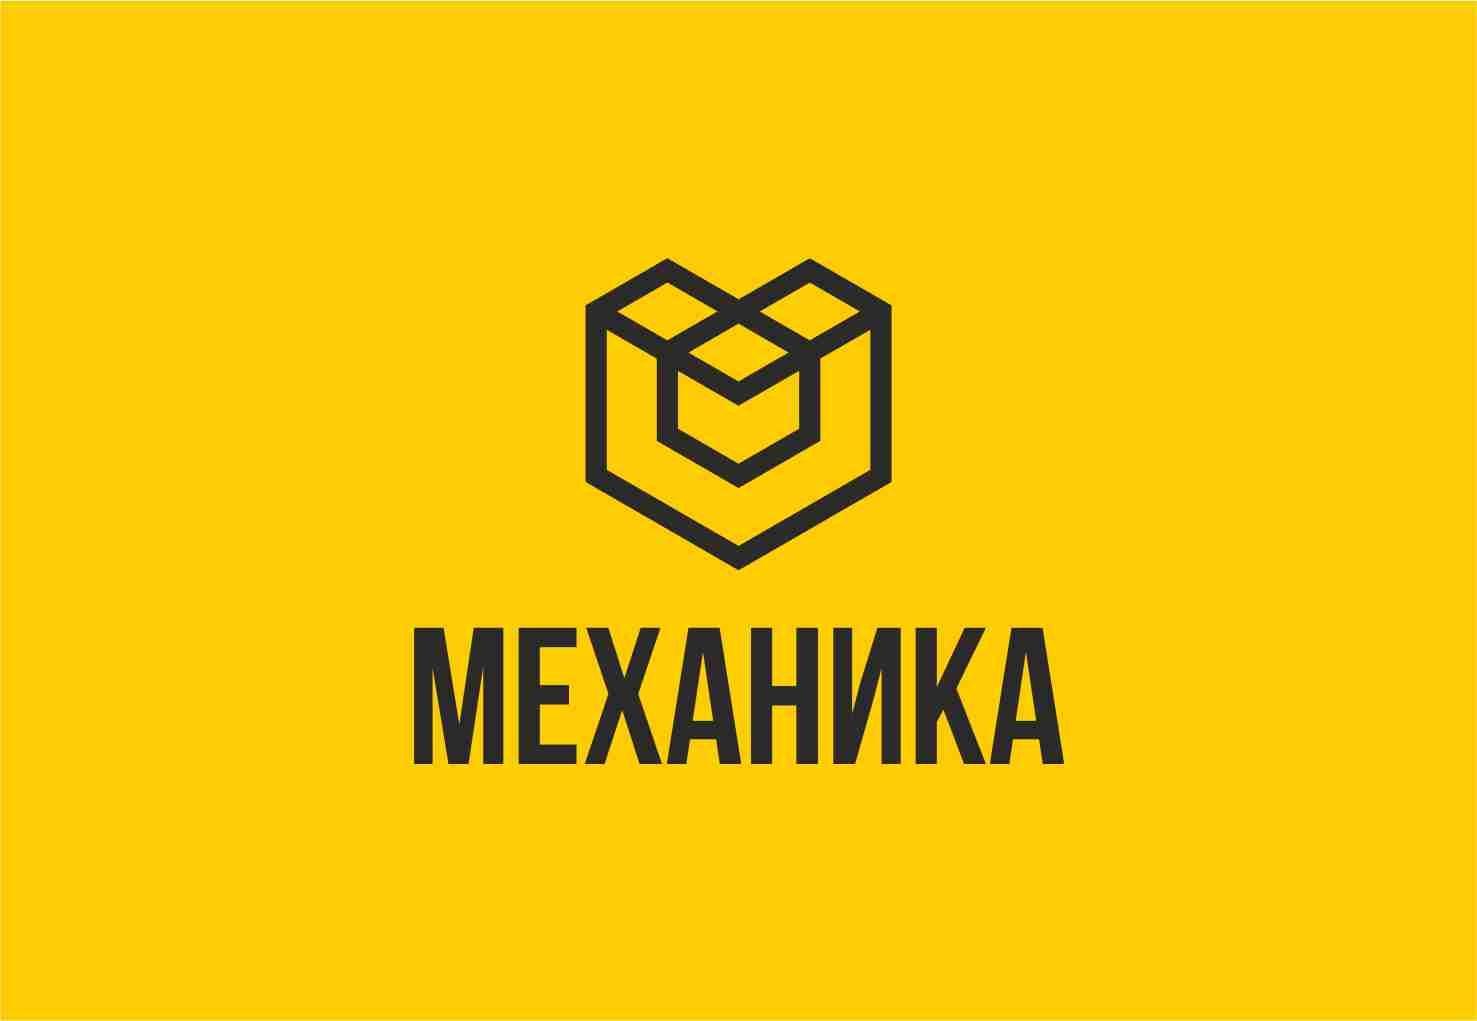 Логотип для магазина автозапчасти 'Механика' - дизайнер NickLight